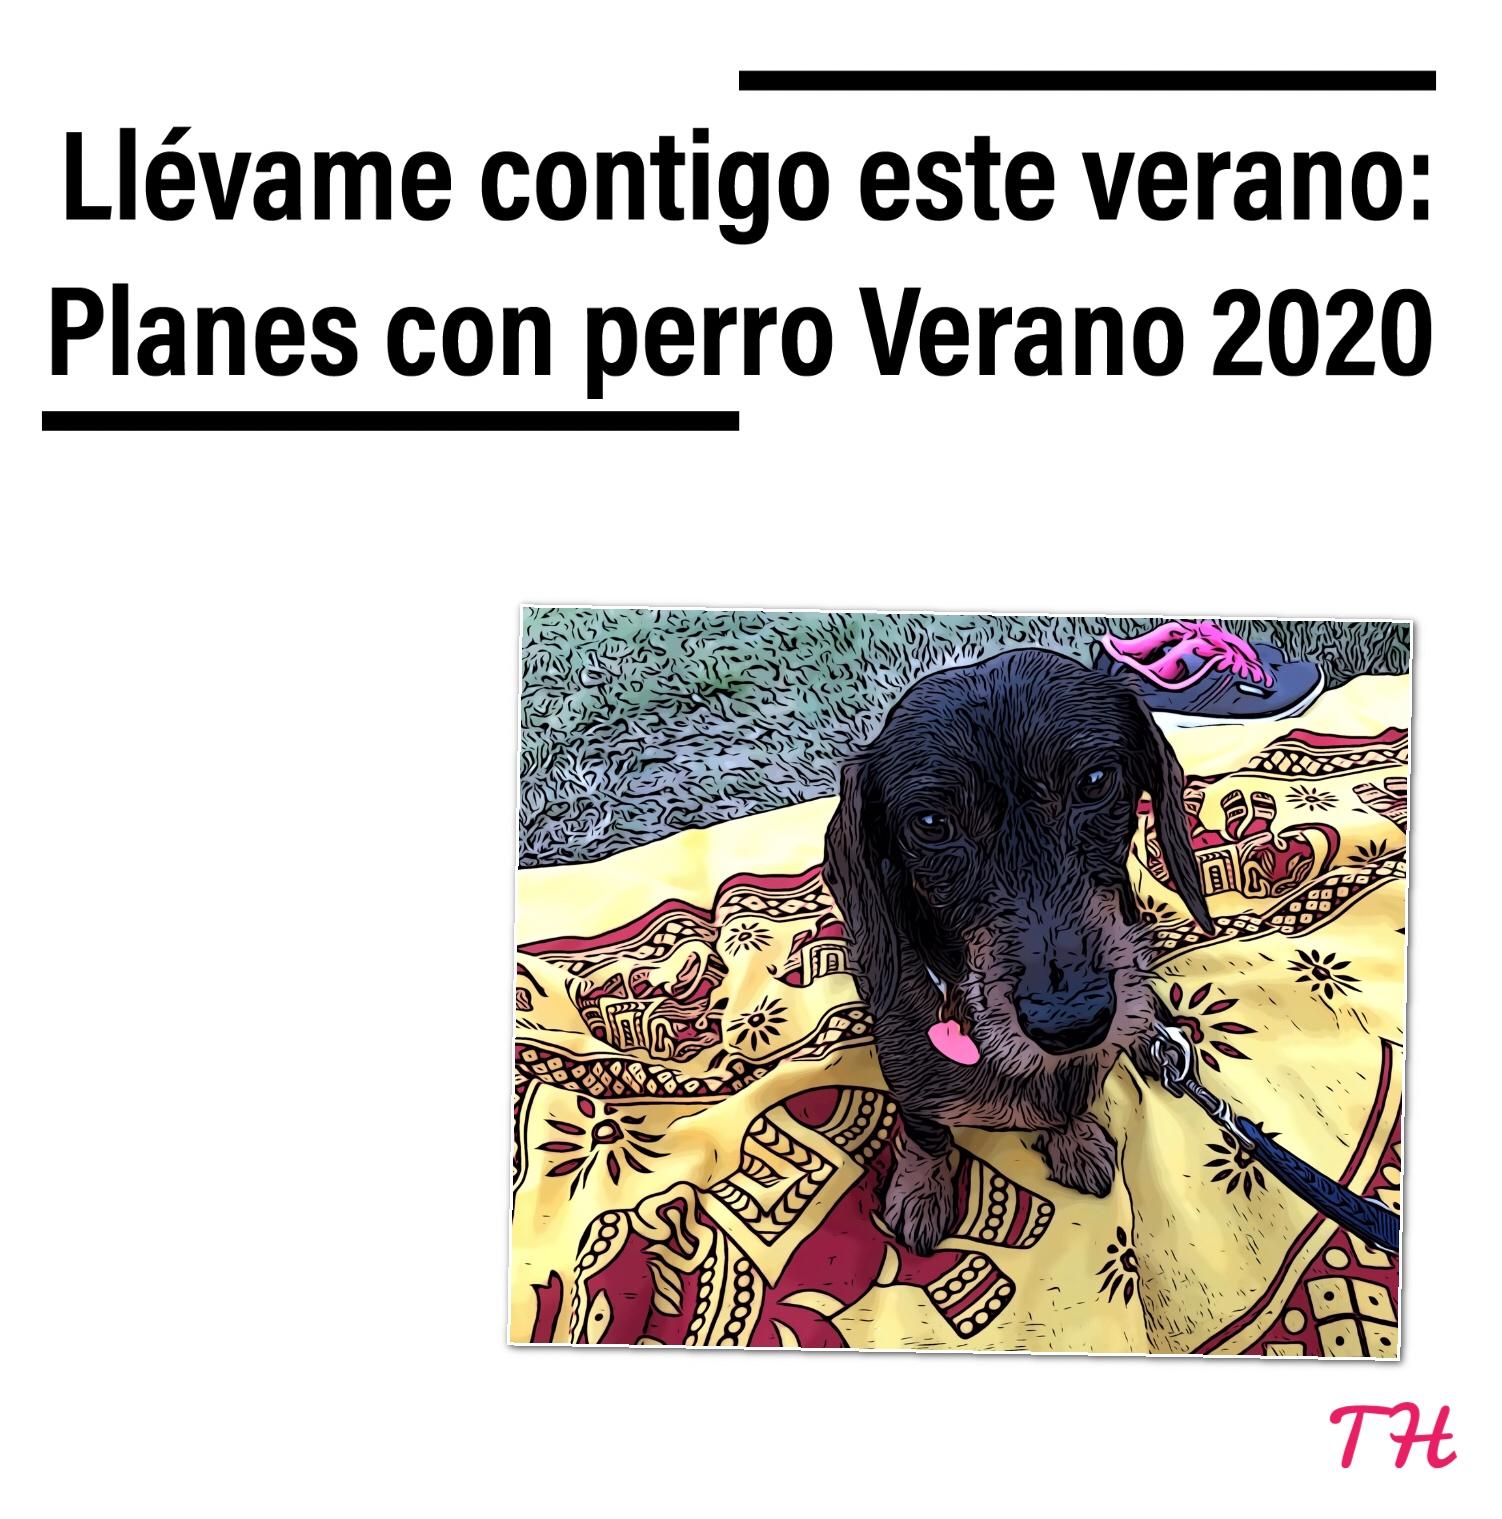 Planes Verano 2020 con perro